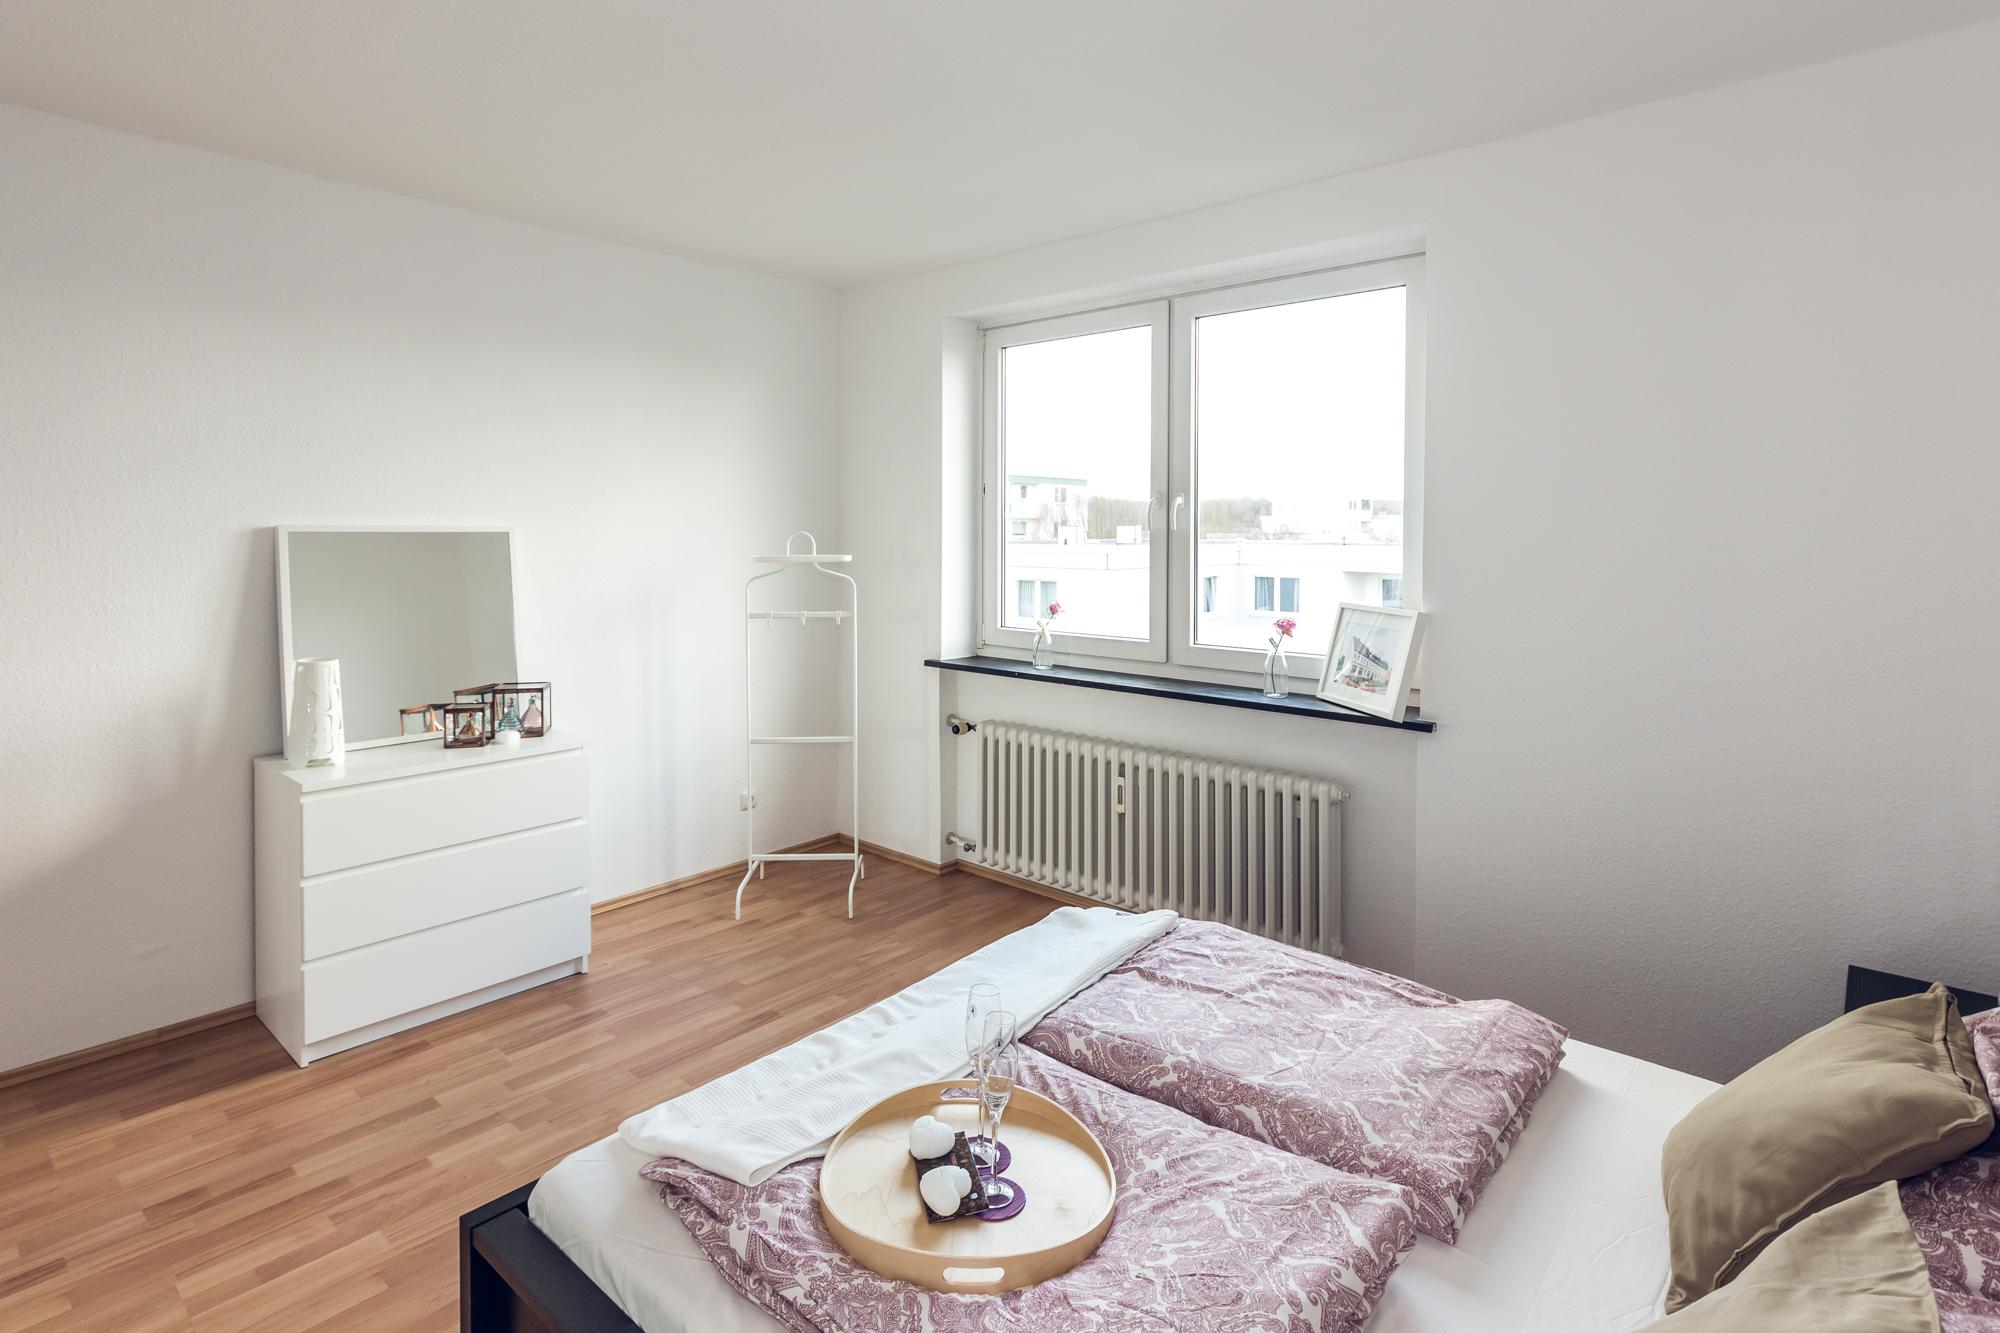 wohninspiration bei grand city property zu unseren musterwohnungen. Black Bedroom Furniture Sets. Home Design Ideas